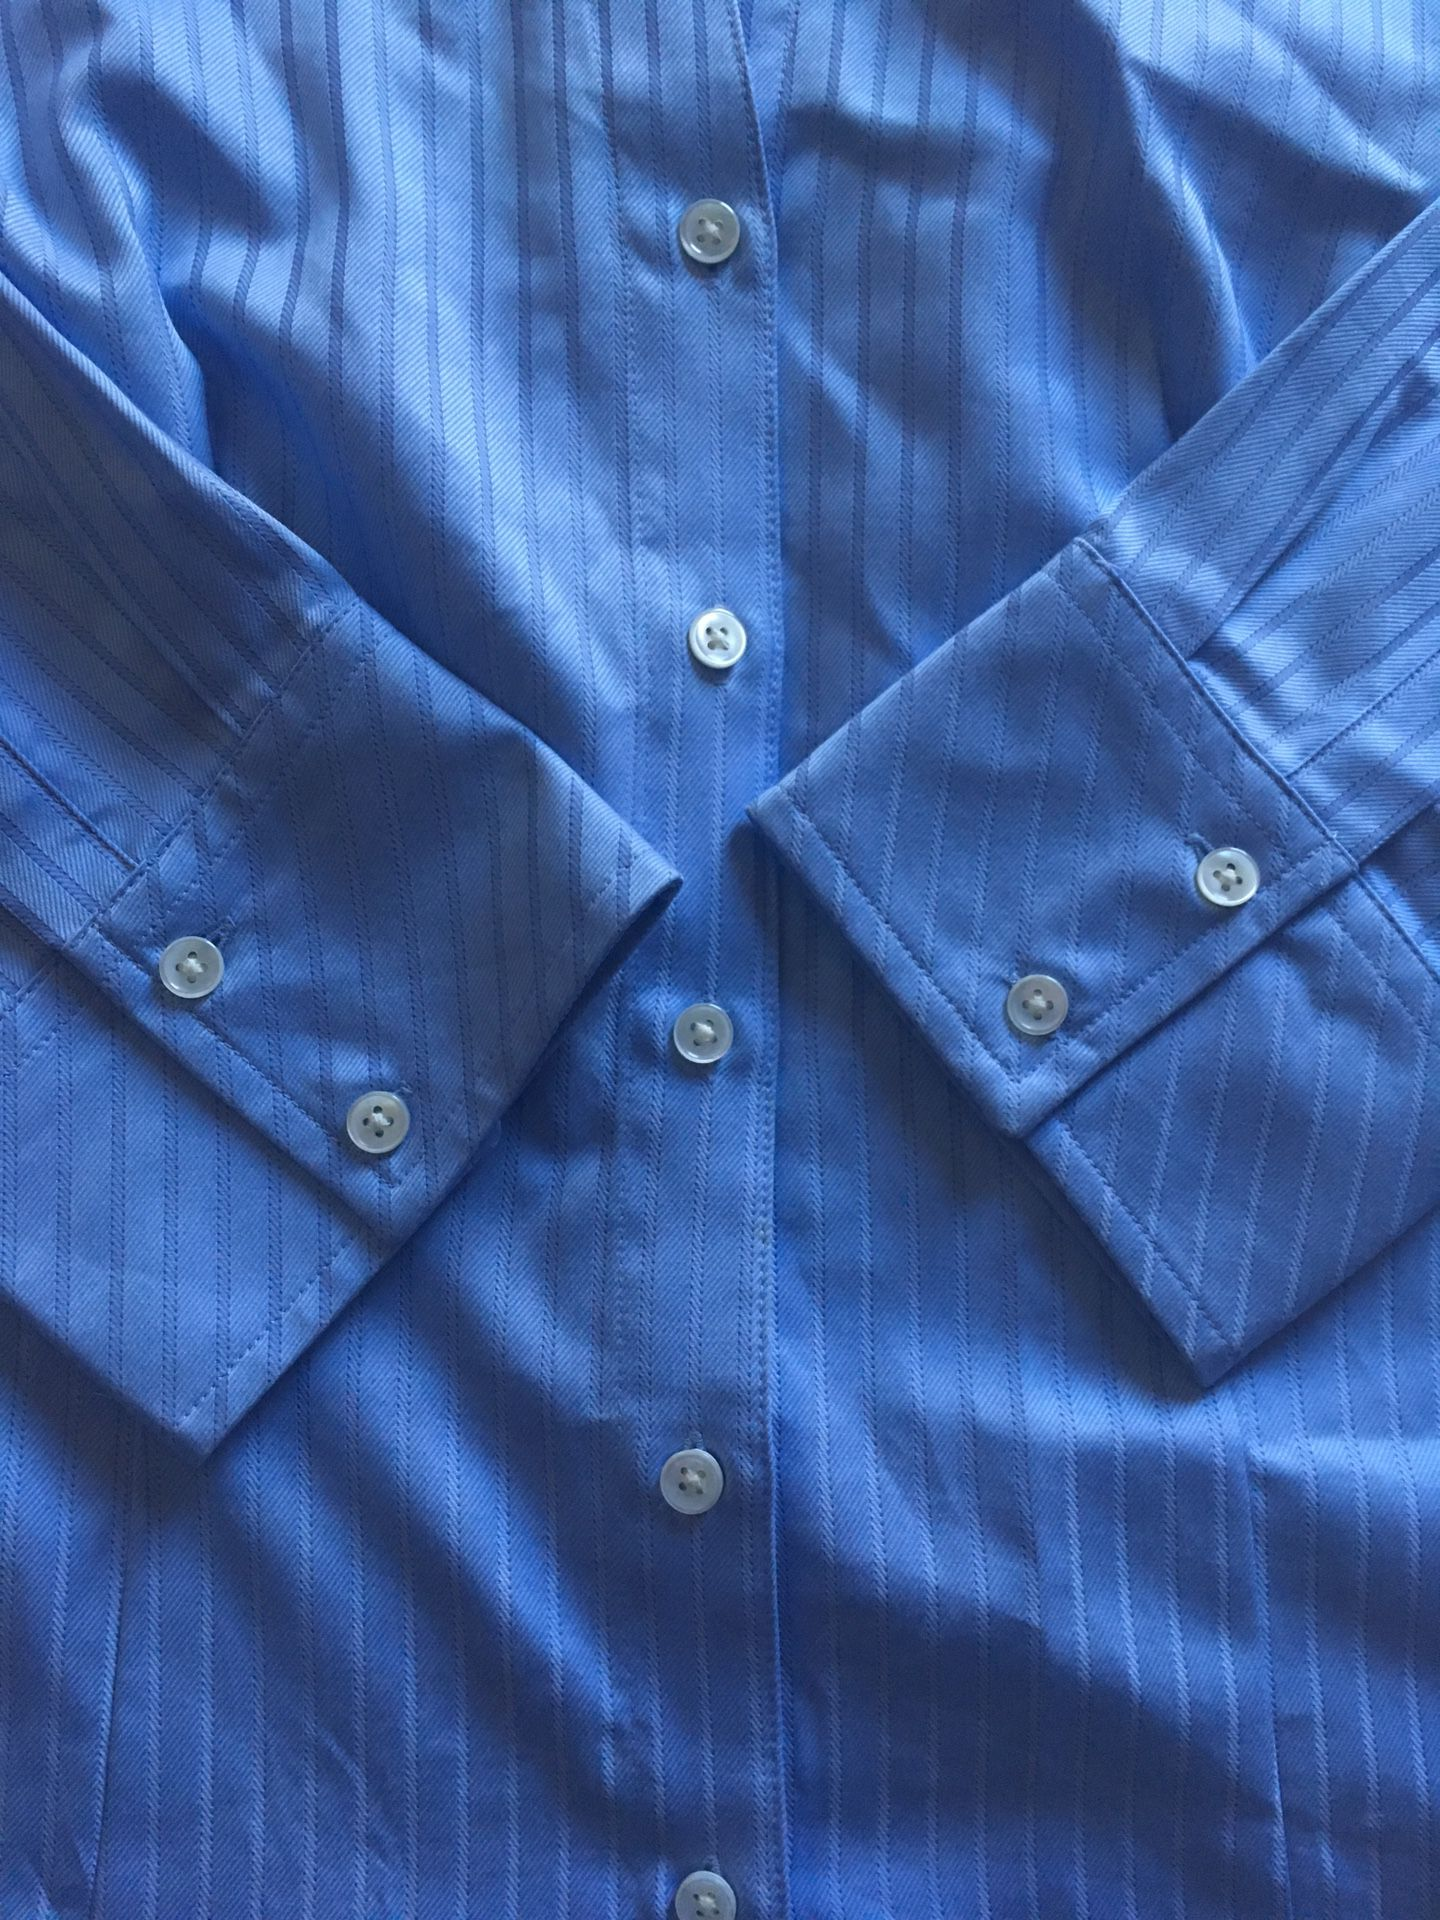 Ann taylor women blouse